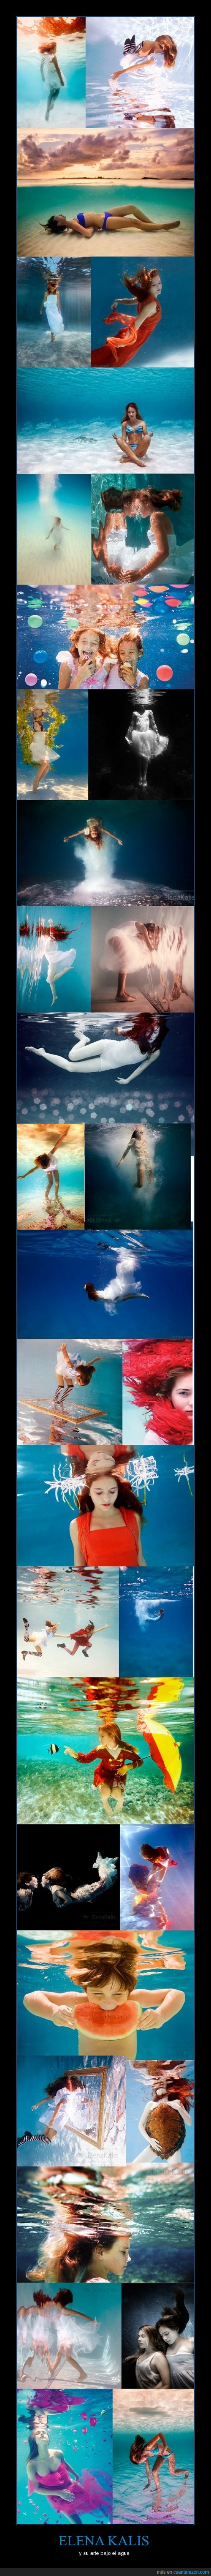 acuatico,arte,bajo,fotografia,gua,mar